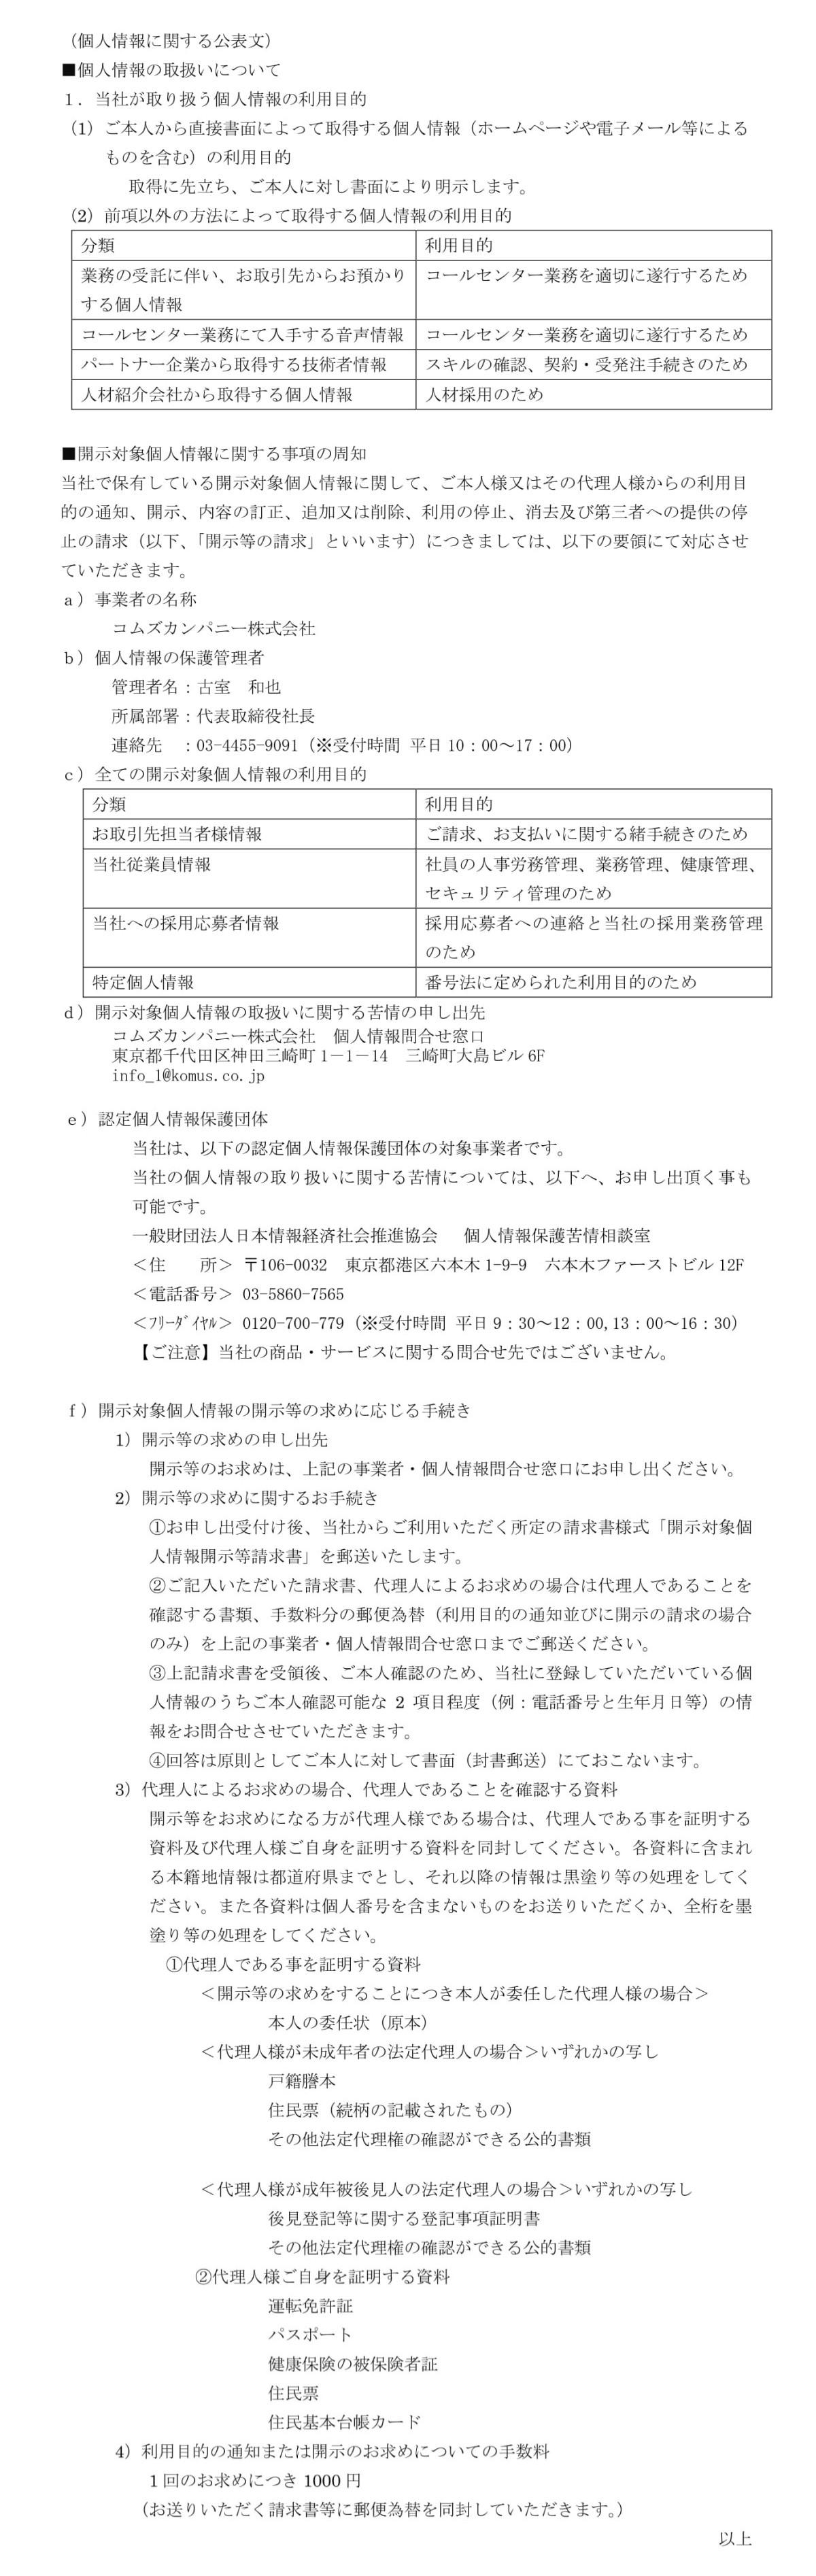 PD01個人情報に関する公表文_20190913.jpg